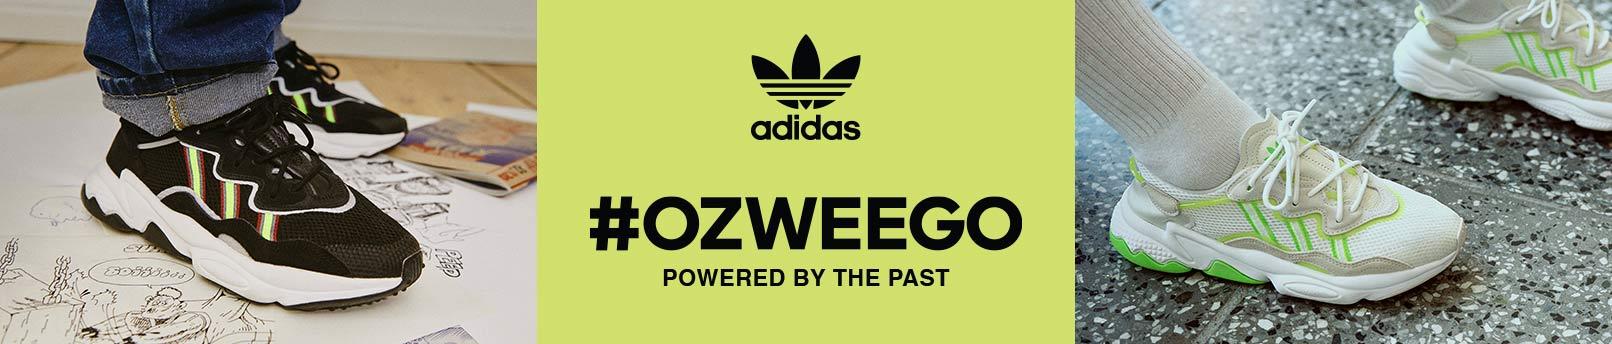 Shoppa adidas Ozweego